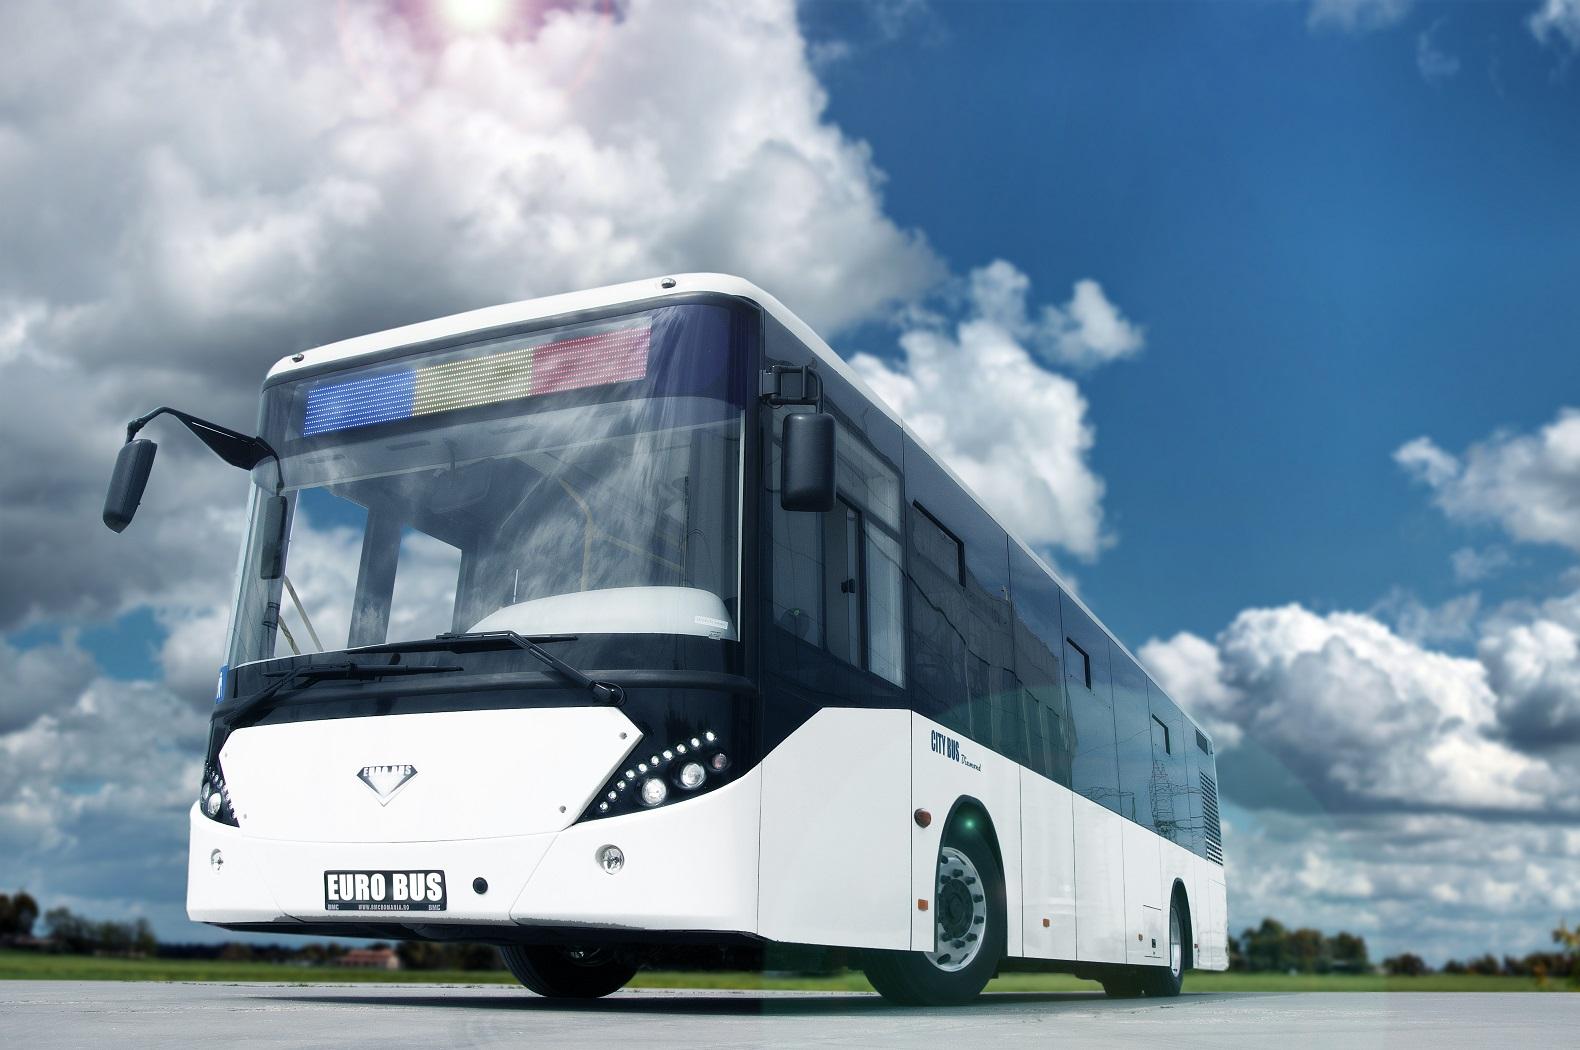 Primăria Sibiu a cumpărat zece autobuze noi care vor intra în circulaţie până la vară